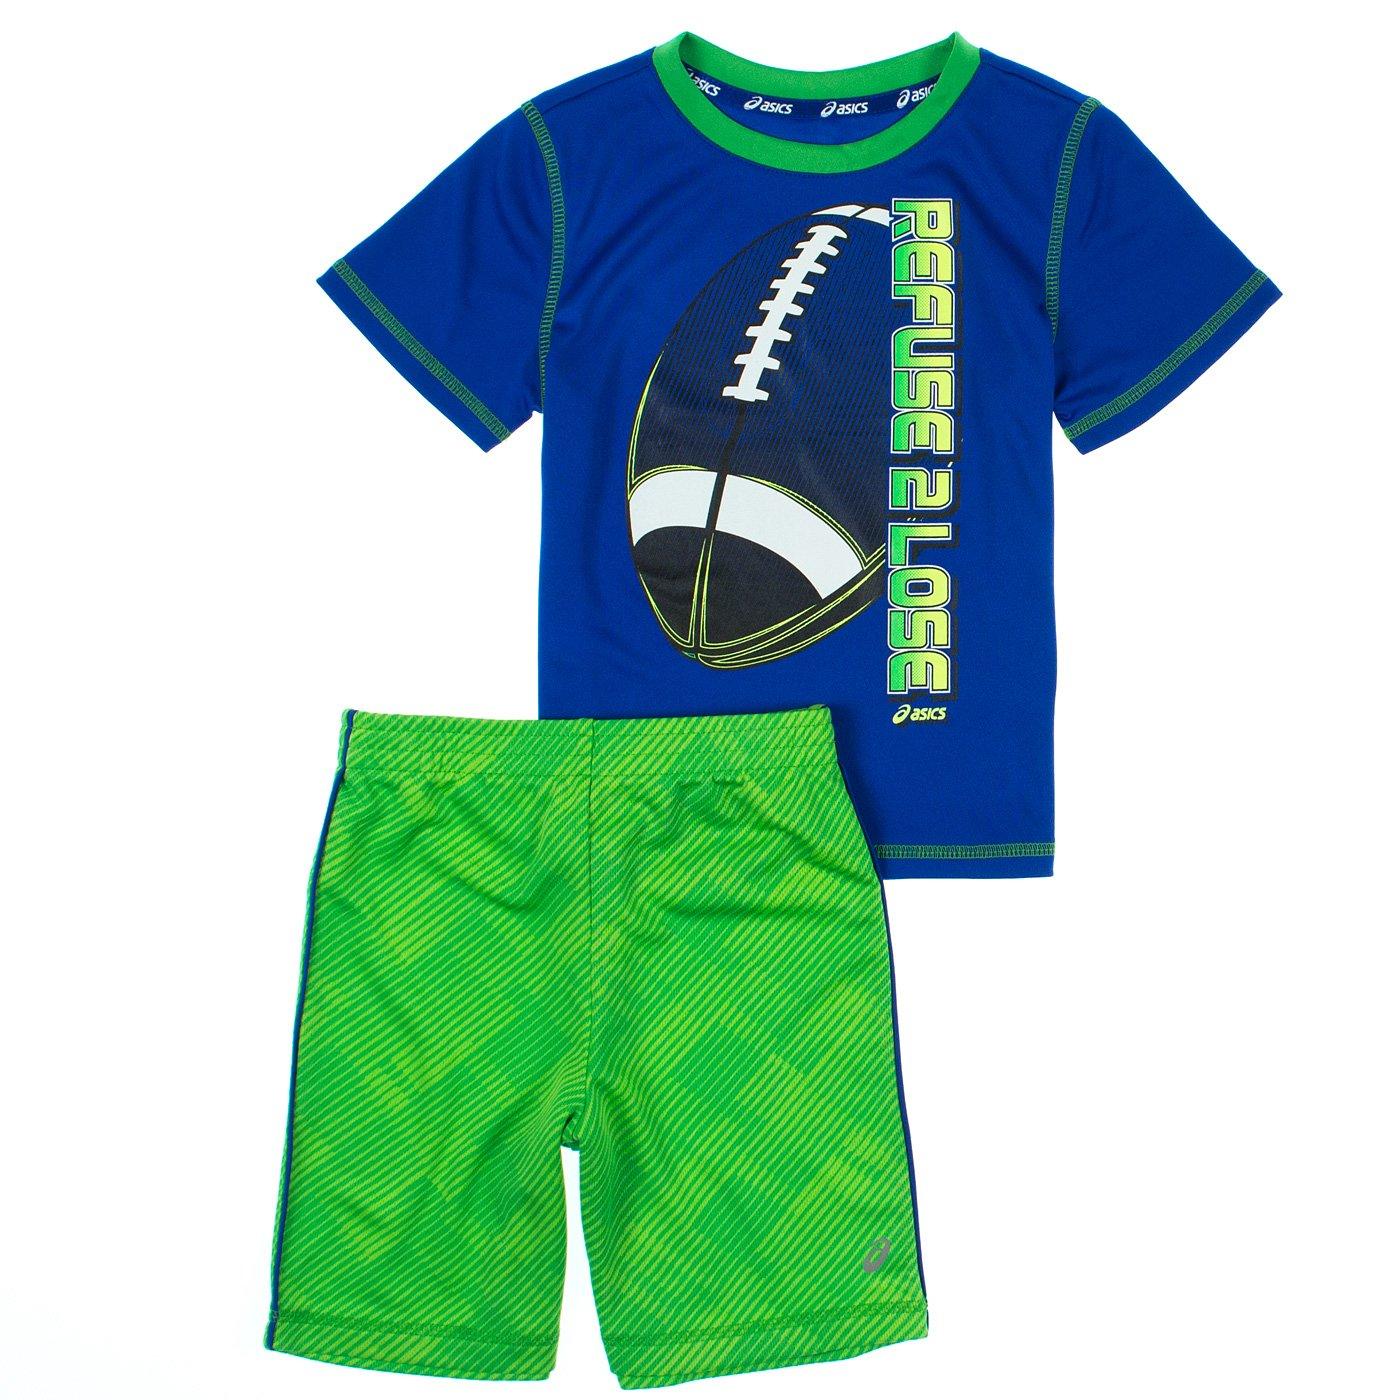 Asics Boys 2-7 2-Piece Athletic Top & Shorts Set 5 Asics Blue